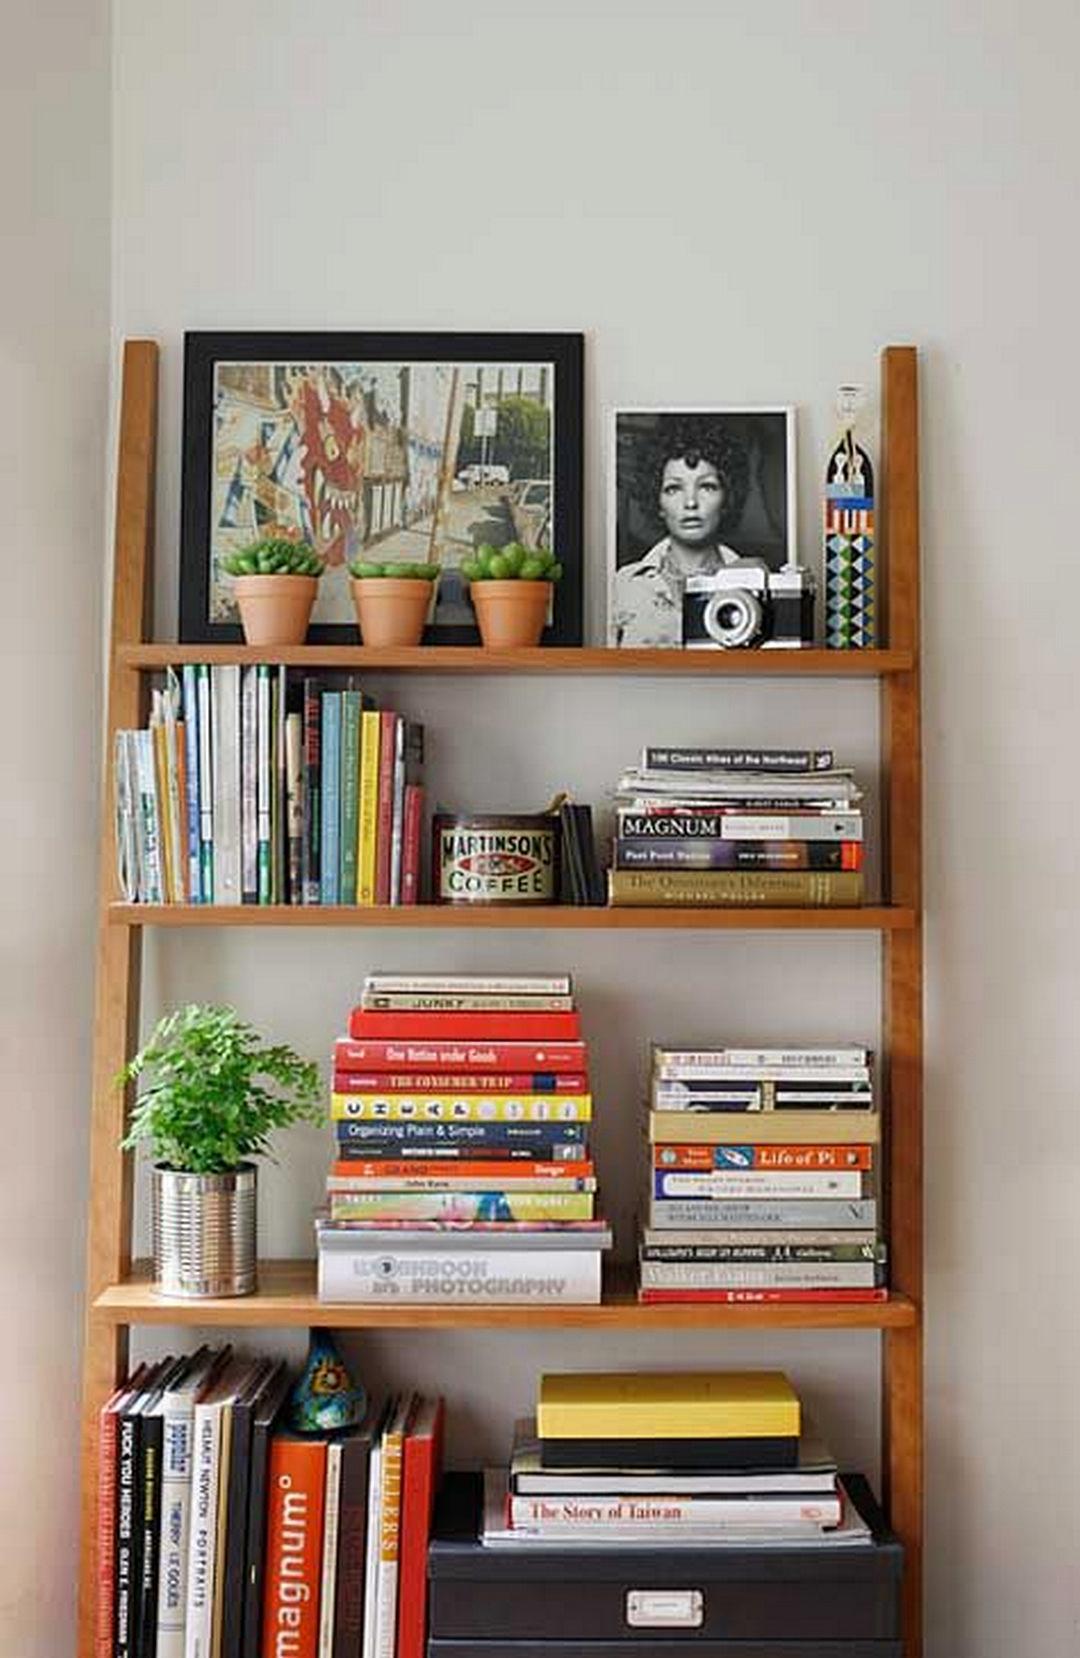 Diy Bookshelf Ideas In 2020 Bookshelves Diy Bookshelf Decor Bookshelf Design